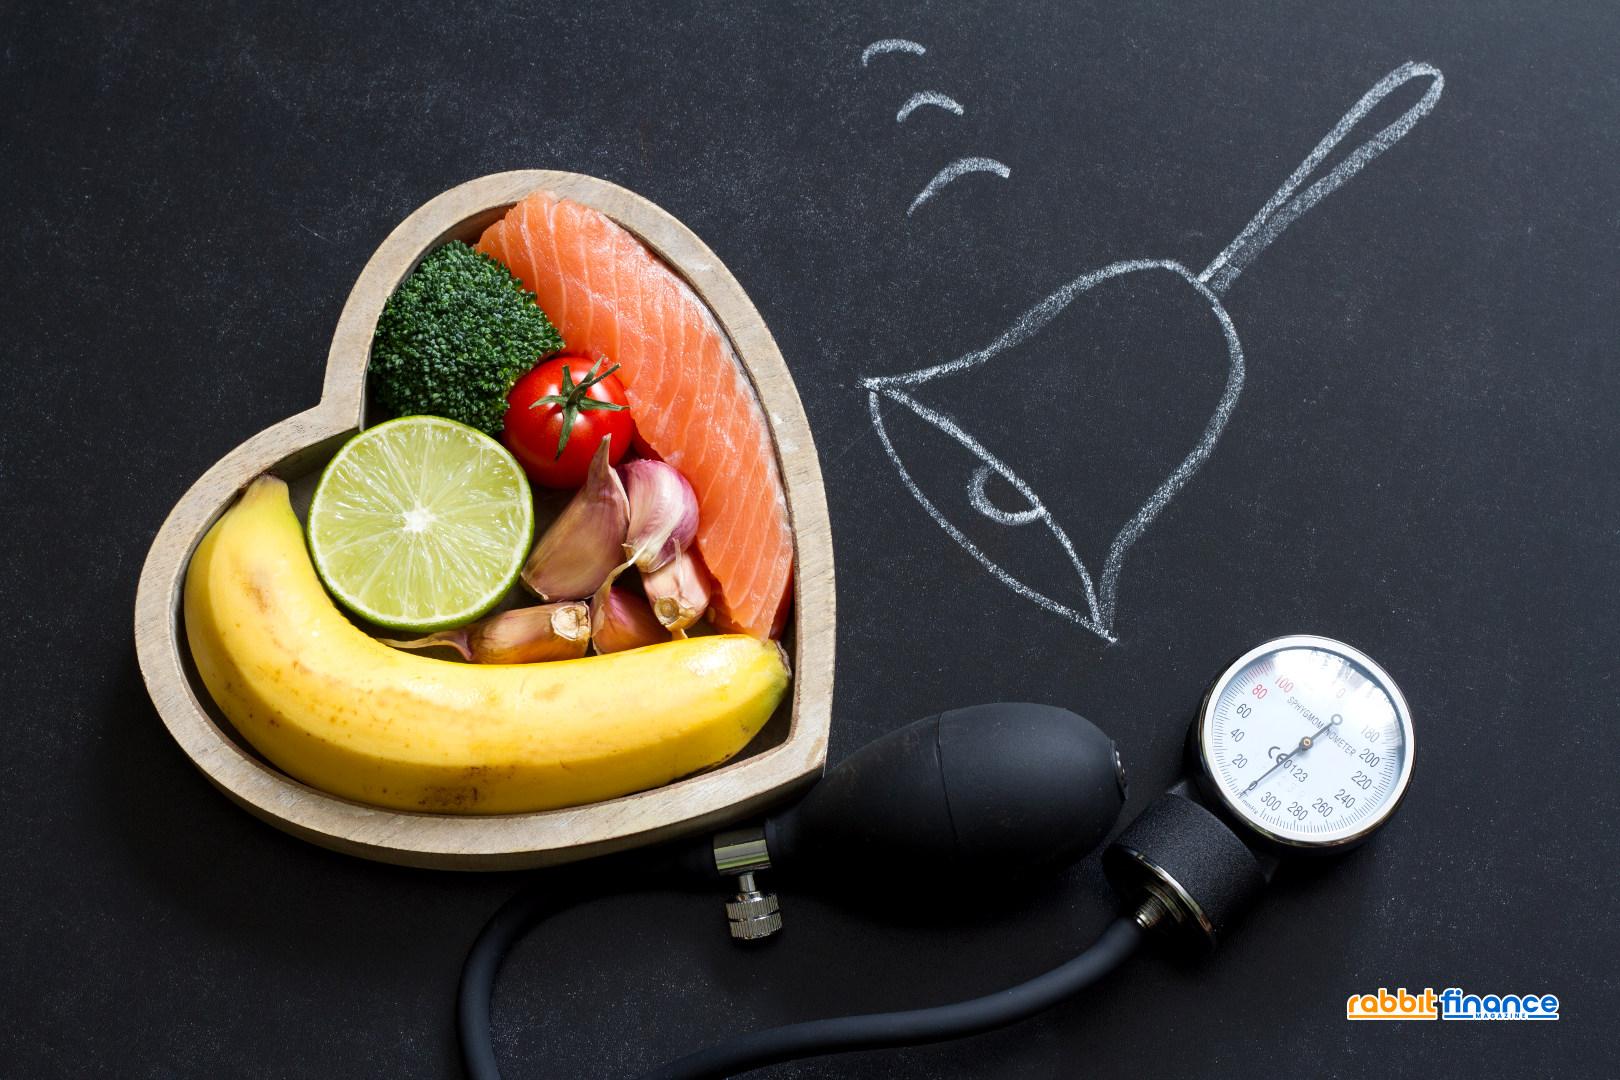 การดูแลสุขภาพง่ายๆ ที่คนมักจะมองข้าม